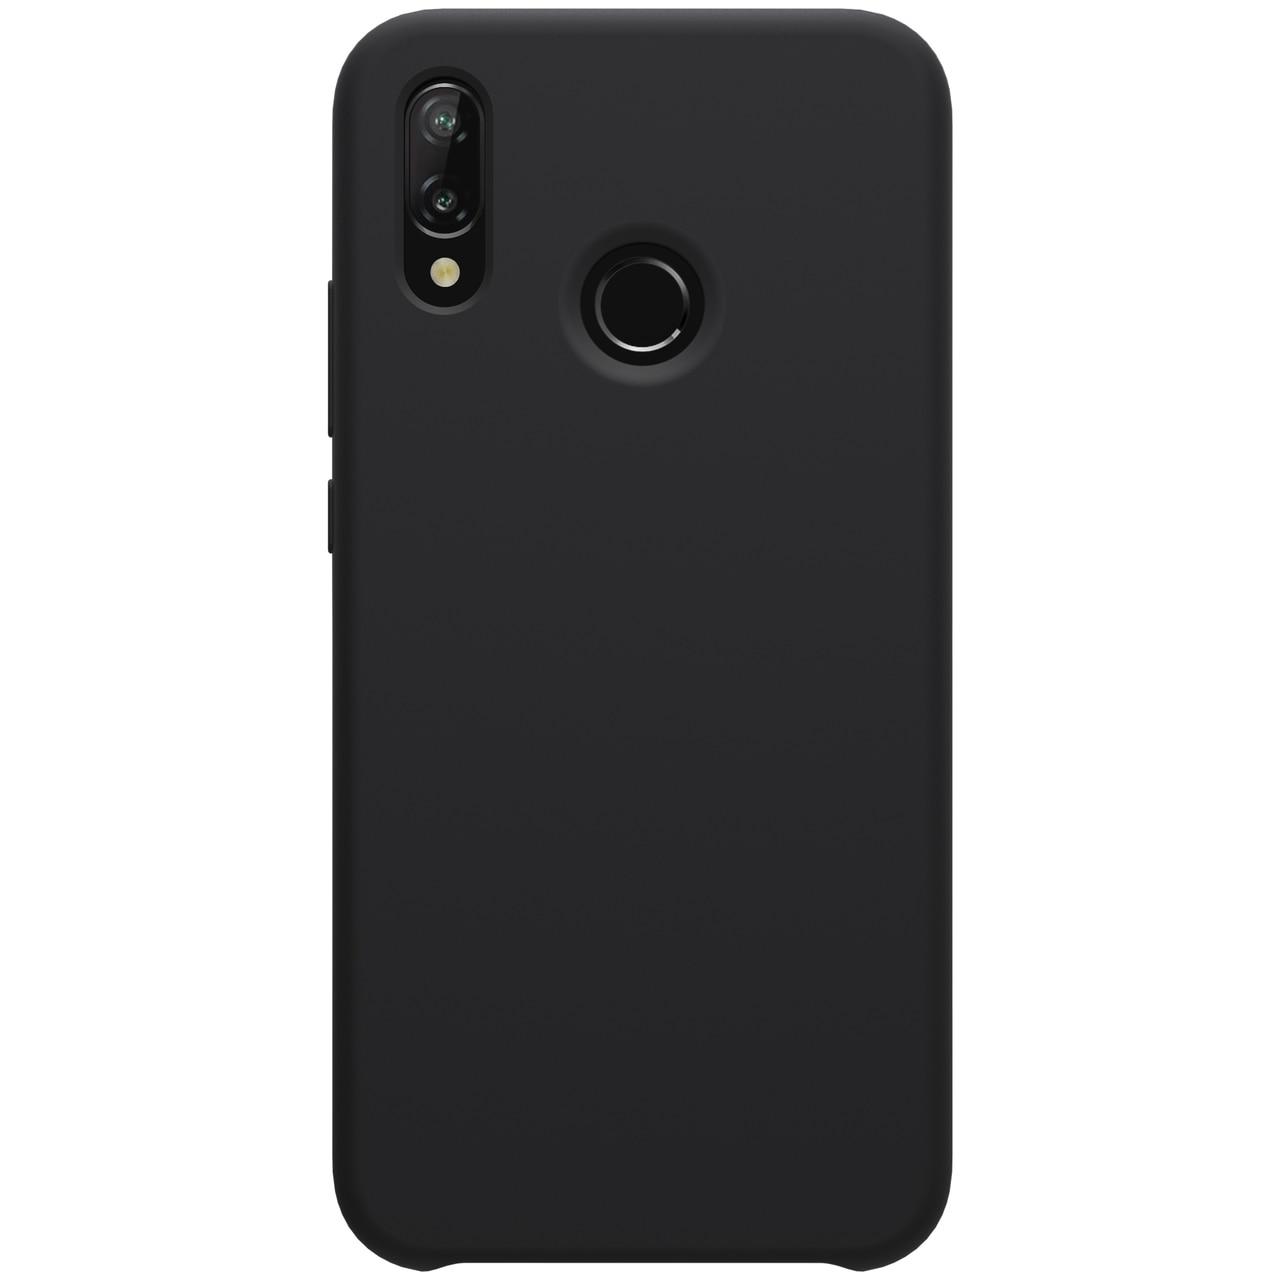 Huawei P20 Lite Flex Pure Soft Premium TPU Case by Nillkin - Black